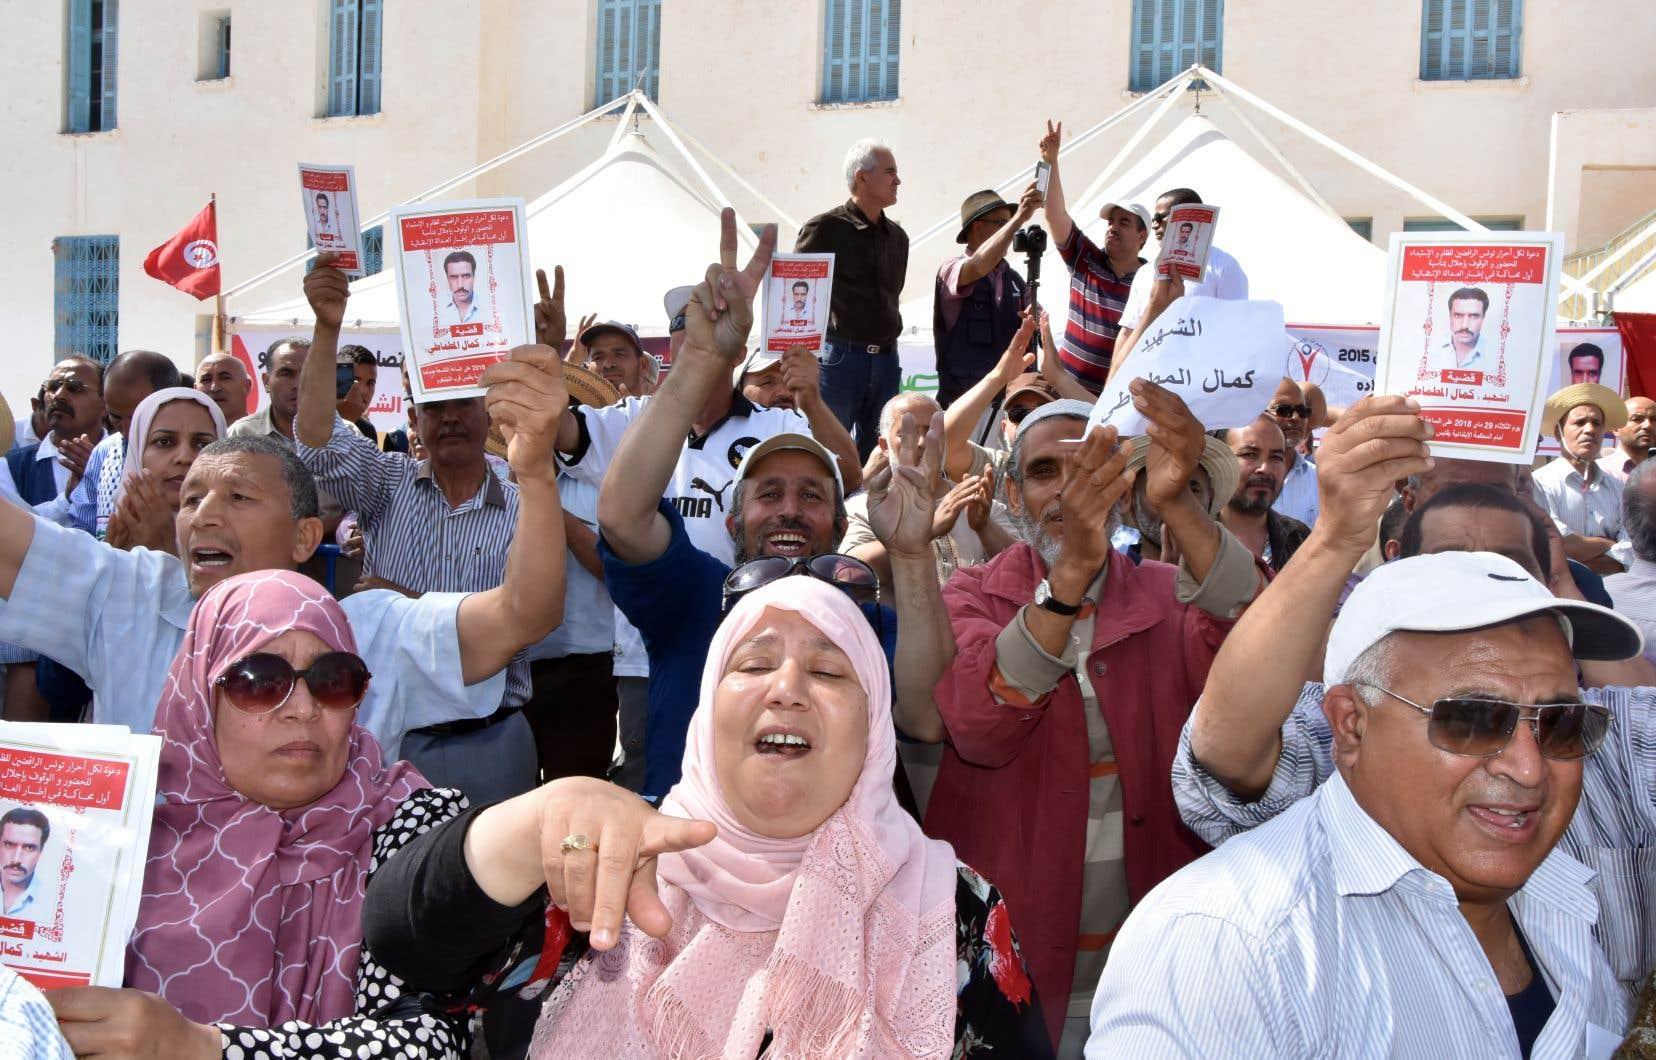 Des manifestants ont brandi des portraits de l'opposant Kamel Matmati, qui a succombé sous la torture en octobre 1991, devant le tribunal de Gabès, mardi.